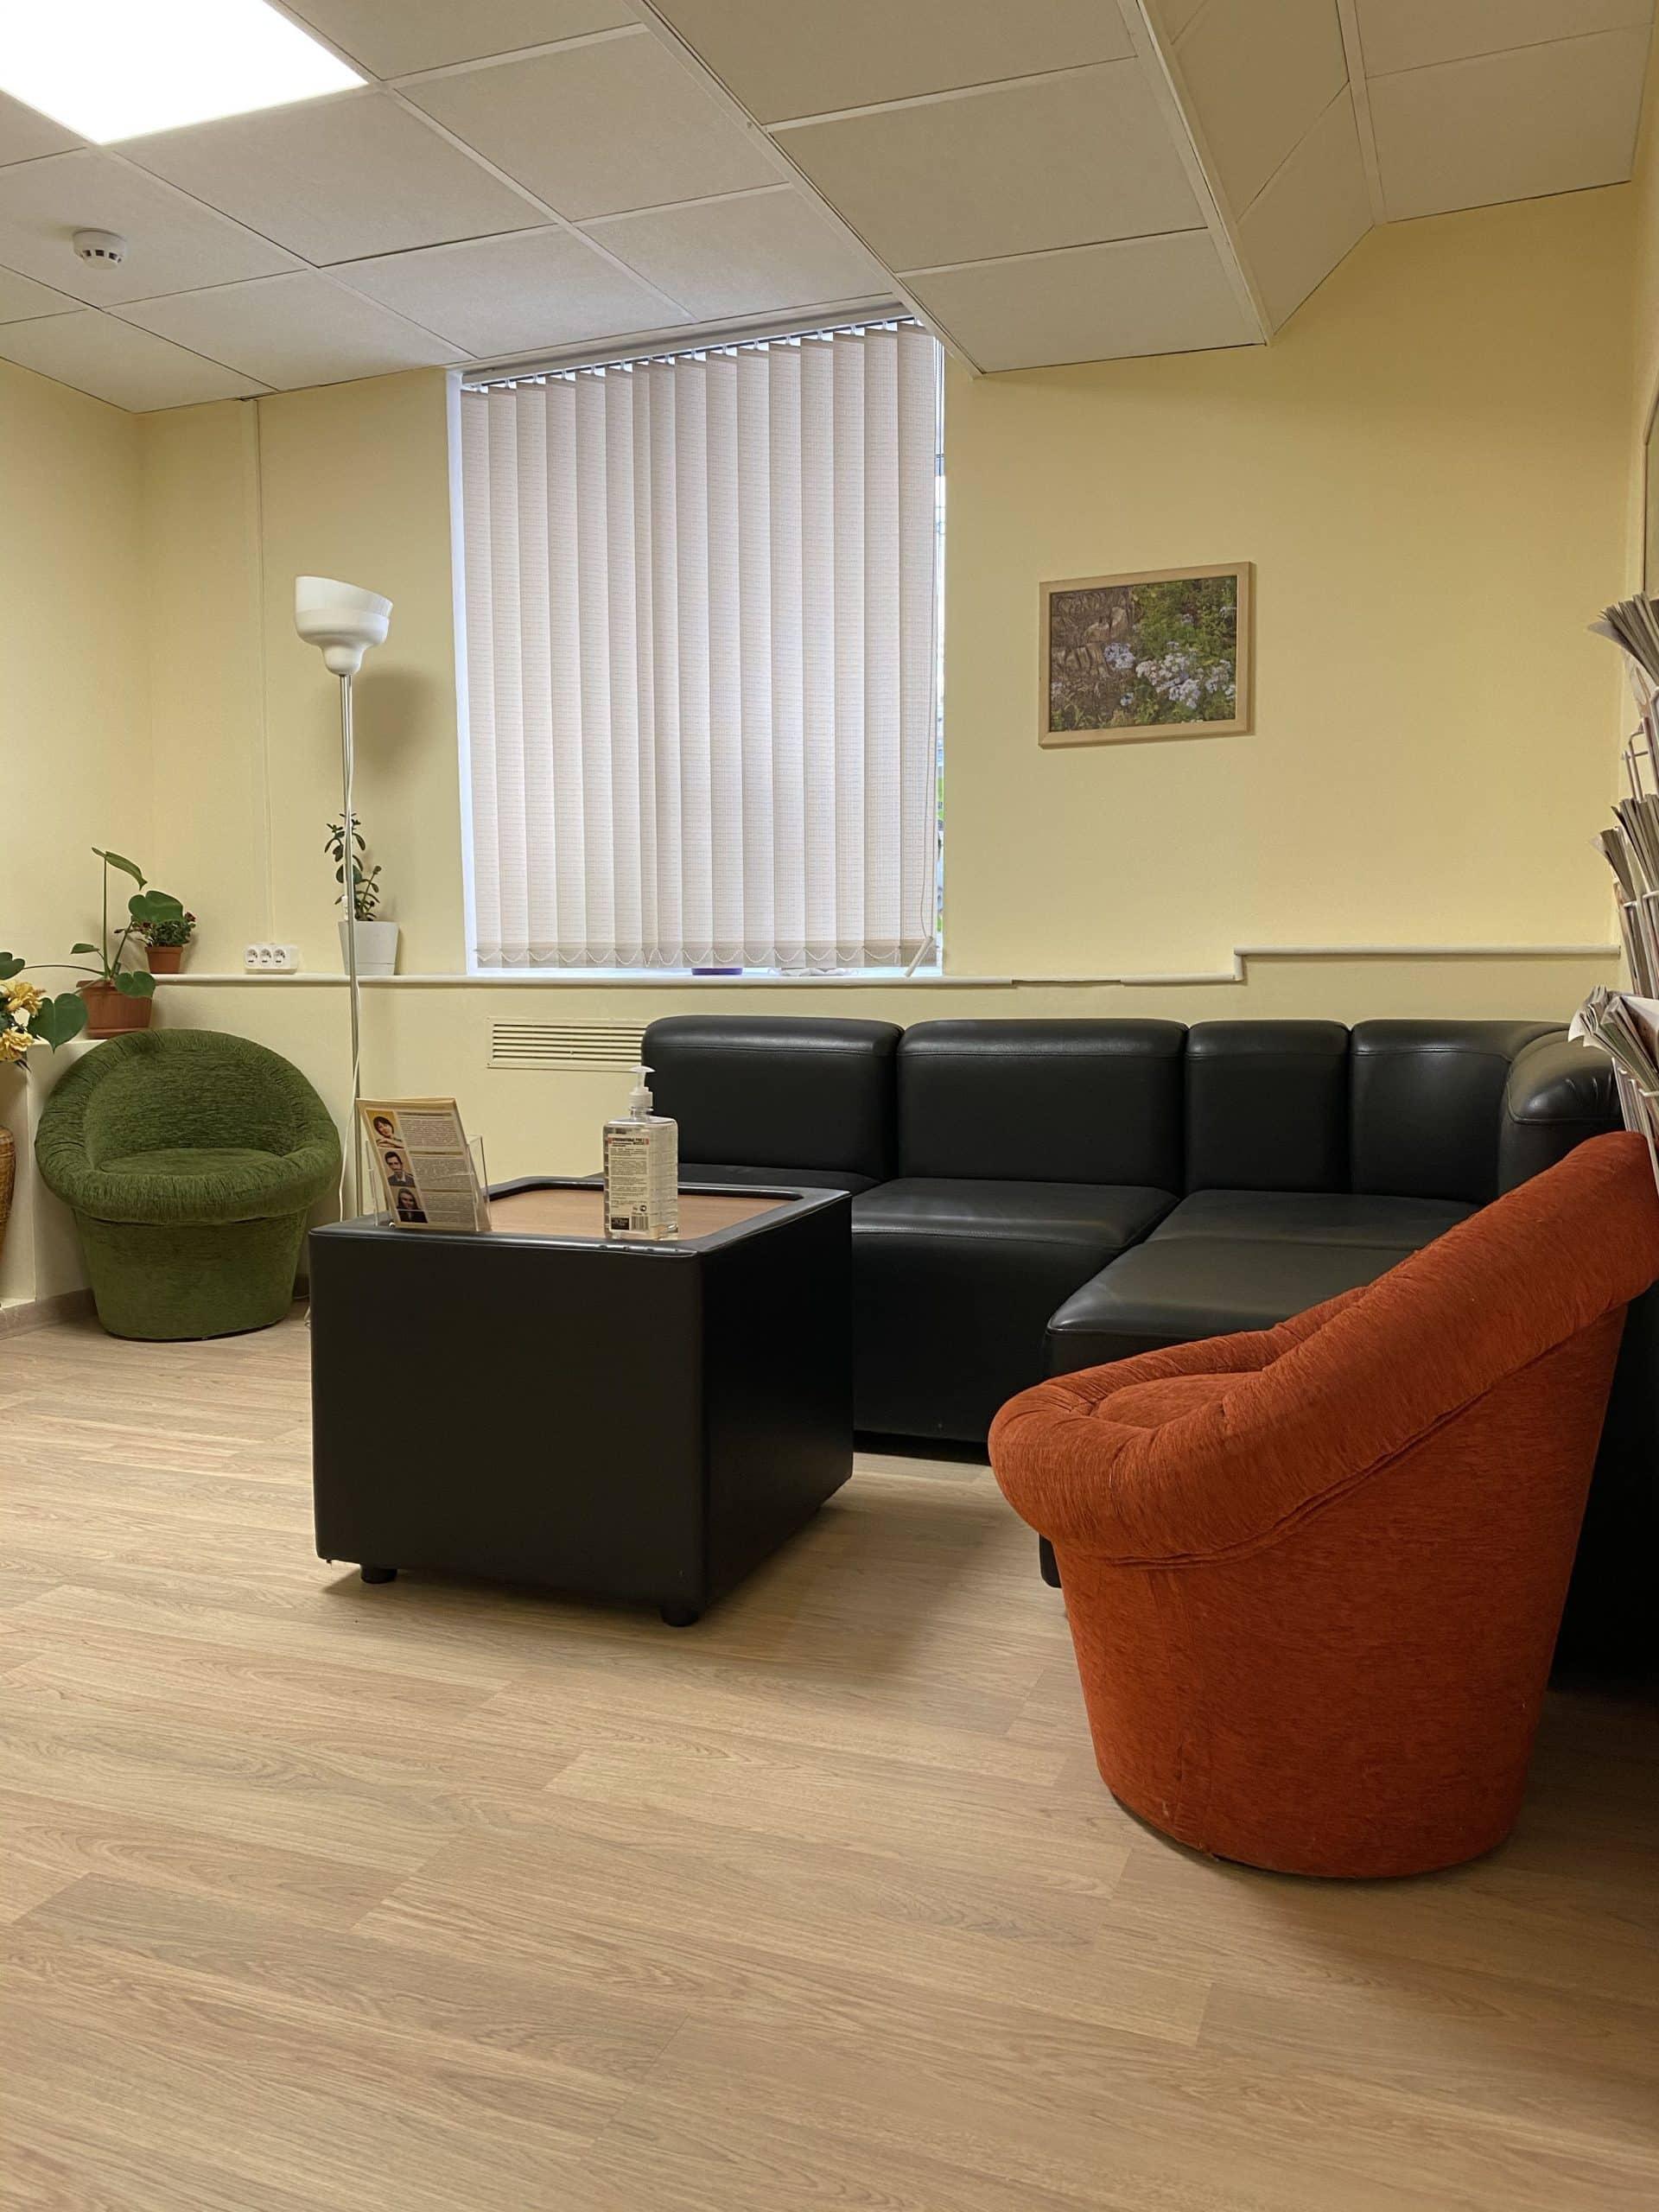 Психологические консультации проводятся в уютном центре